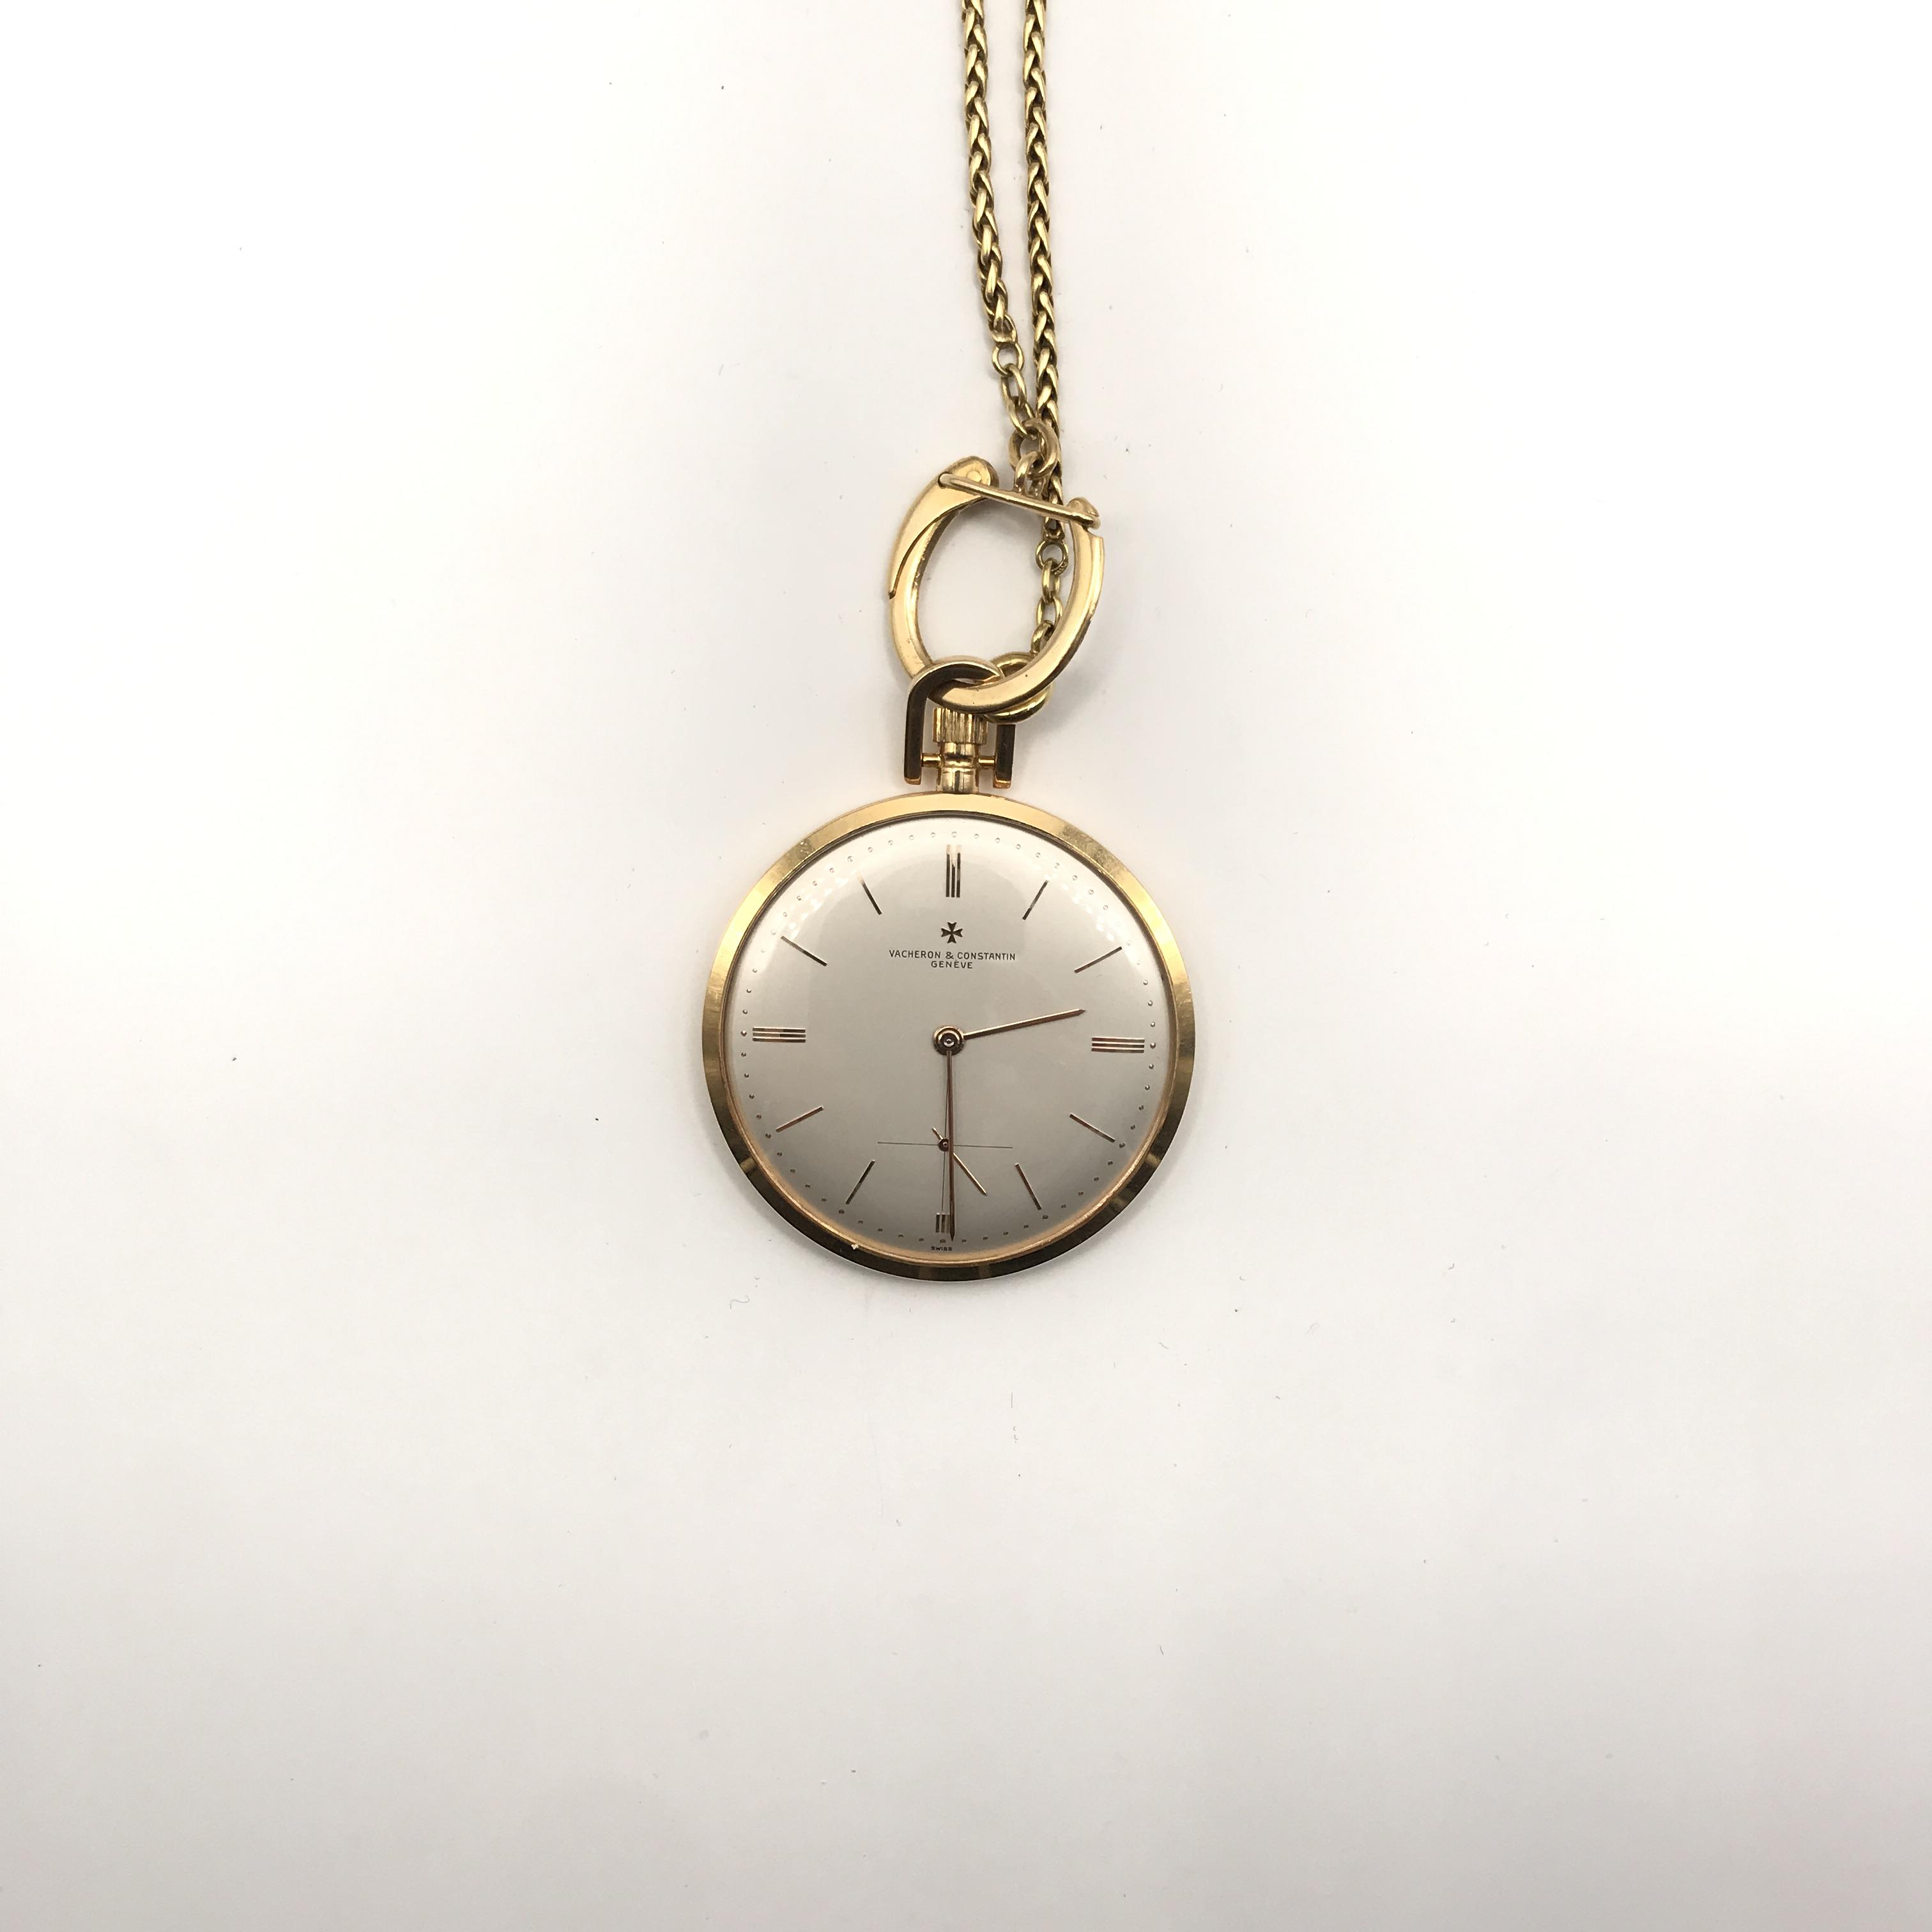 orologio da tasca in oro